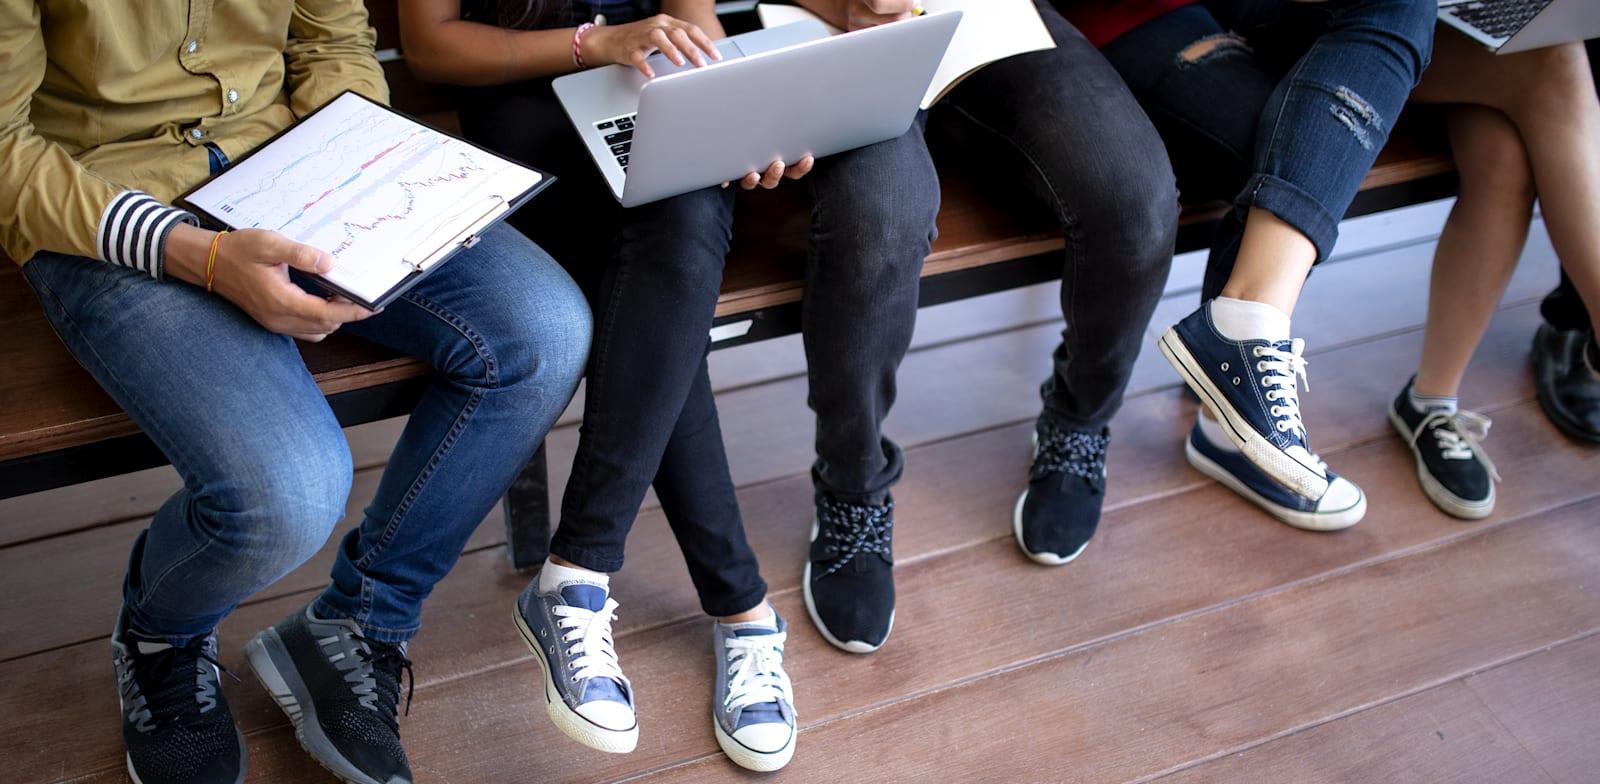 צעירים מהווים למעלה ממחצית מדורשי העבודה במשק / צילום: Shutterstock, ImageFoto